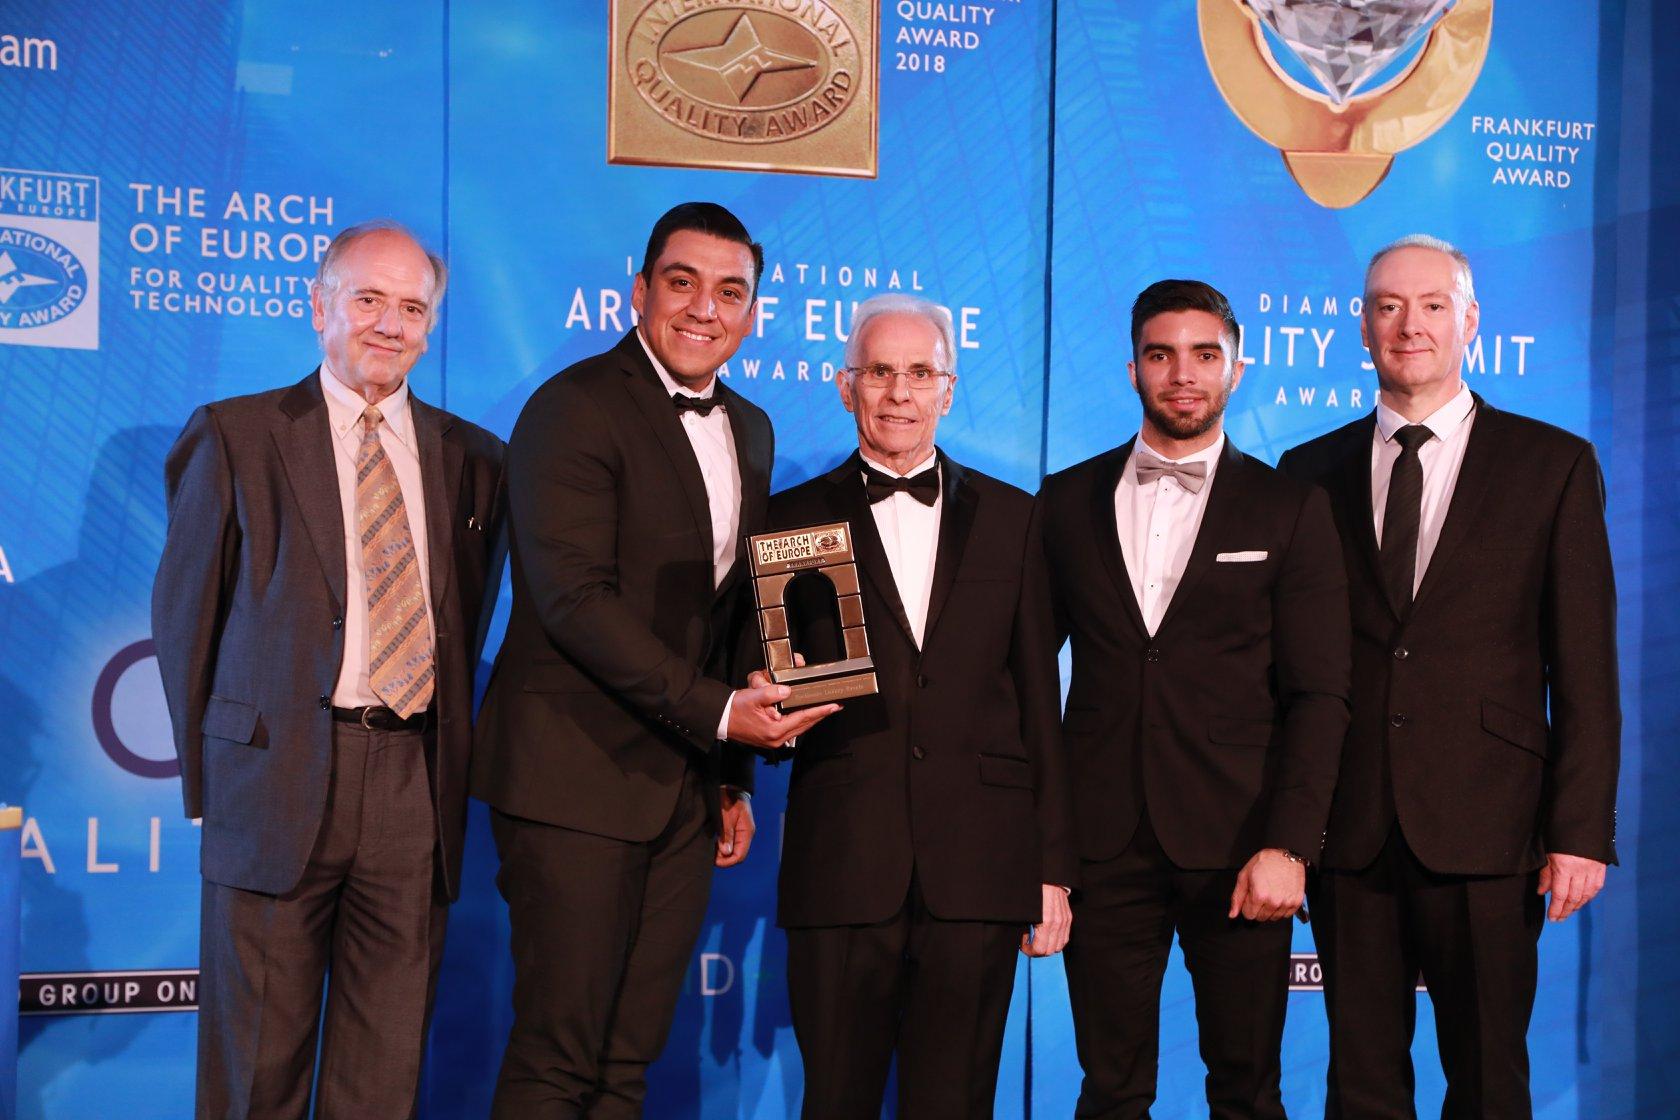 Recibiendo el premio junto a los organizadores.